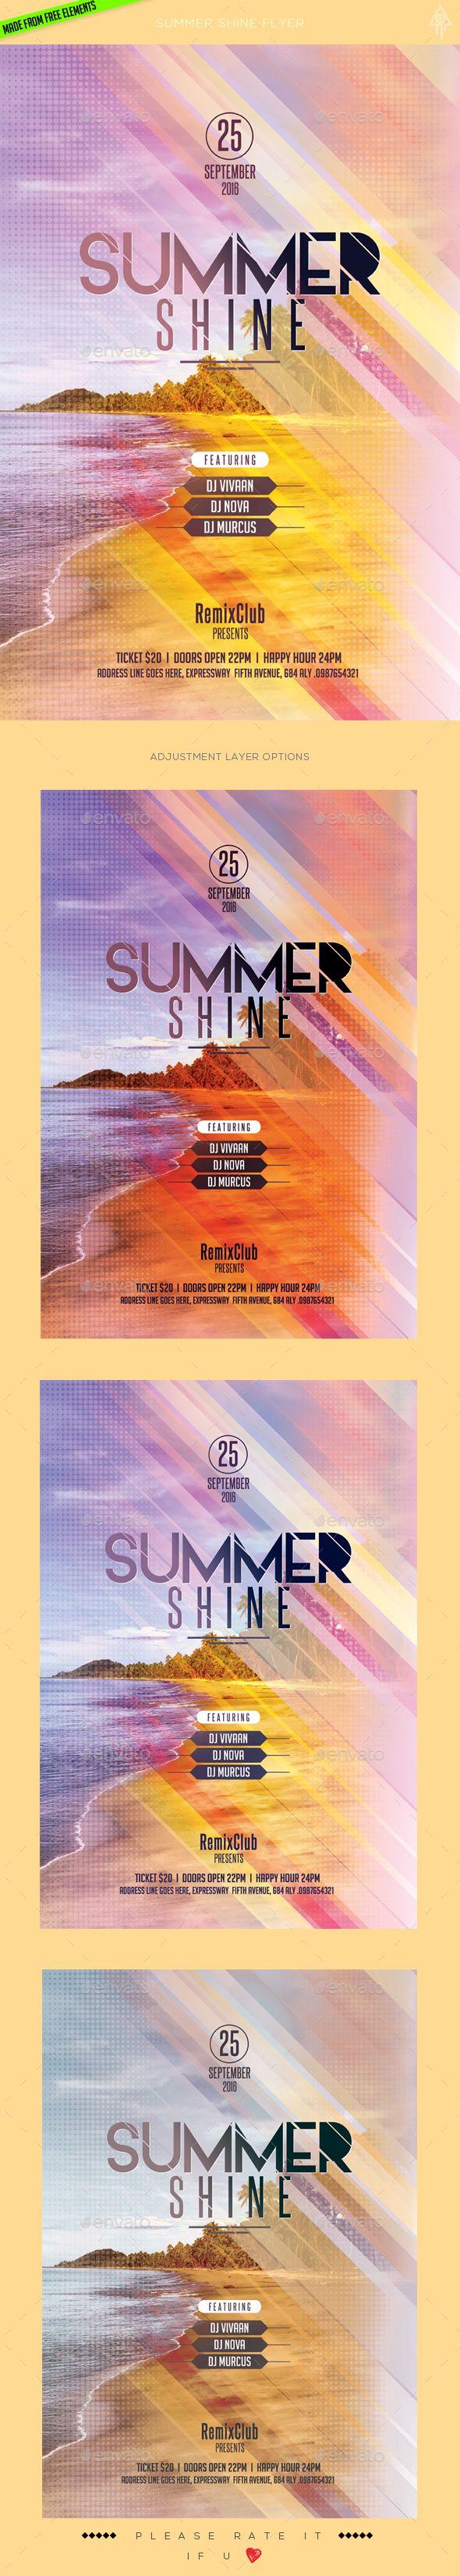 175 Best Flyer Design Images On Pinterest Flyer Design Business Flyers And Fitness Flyer